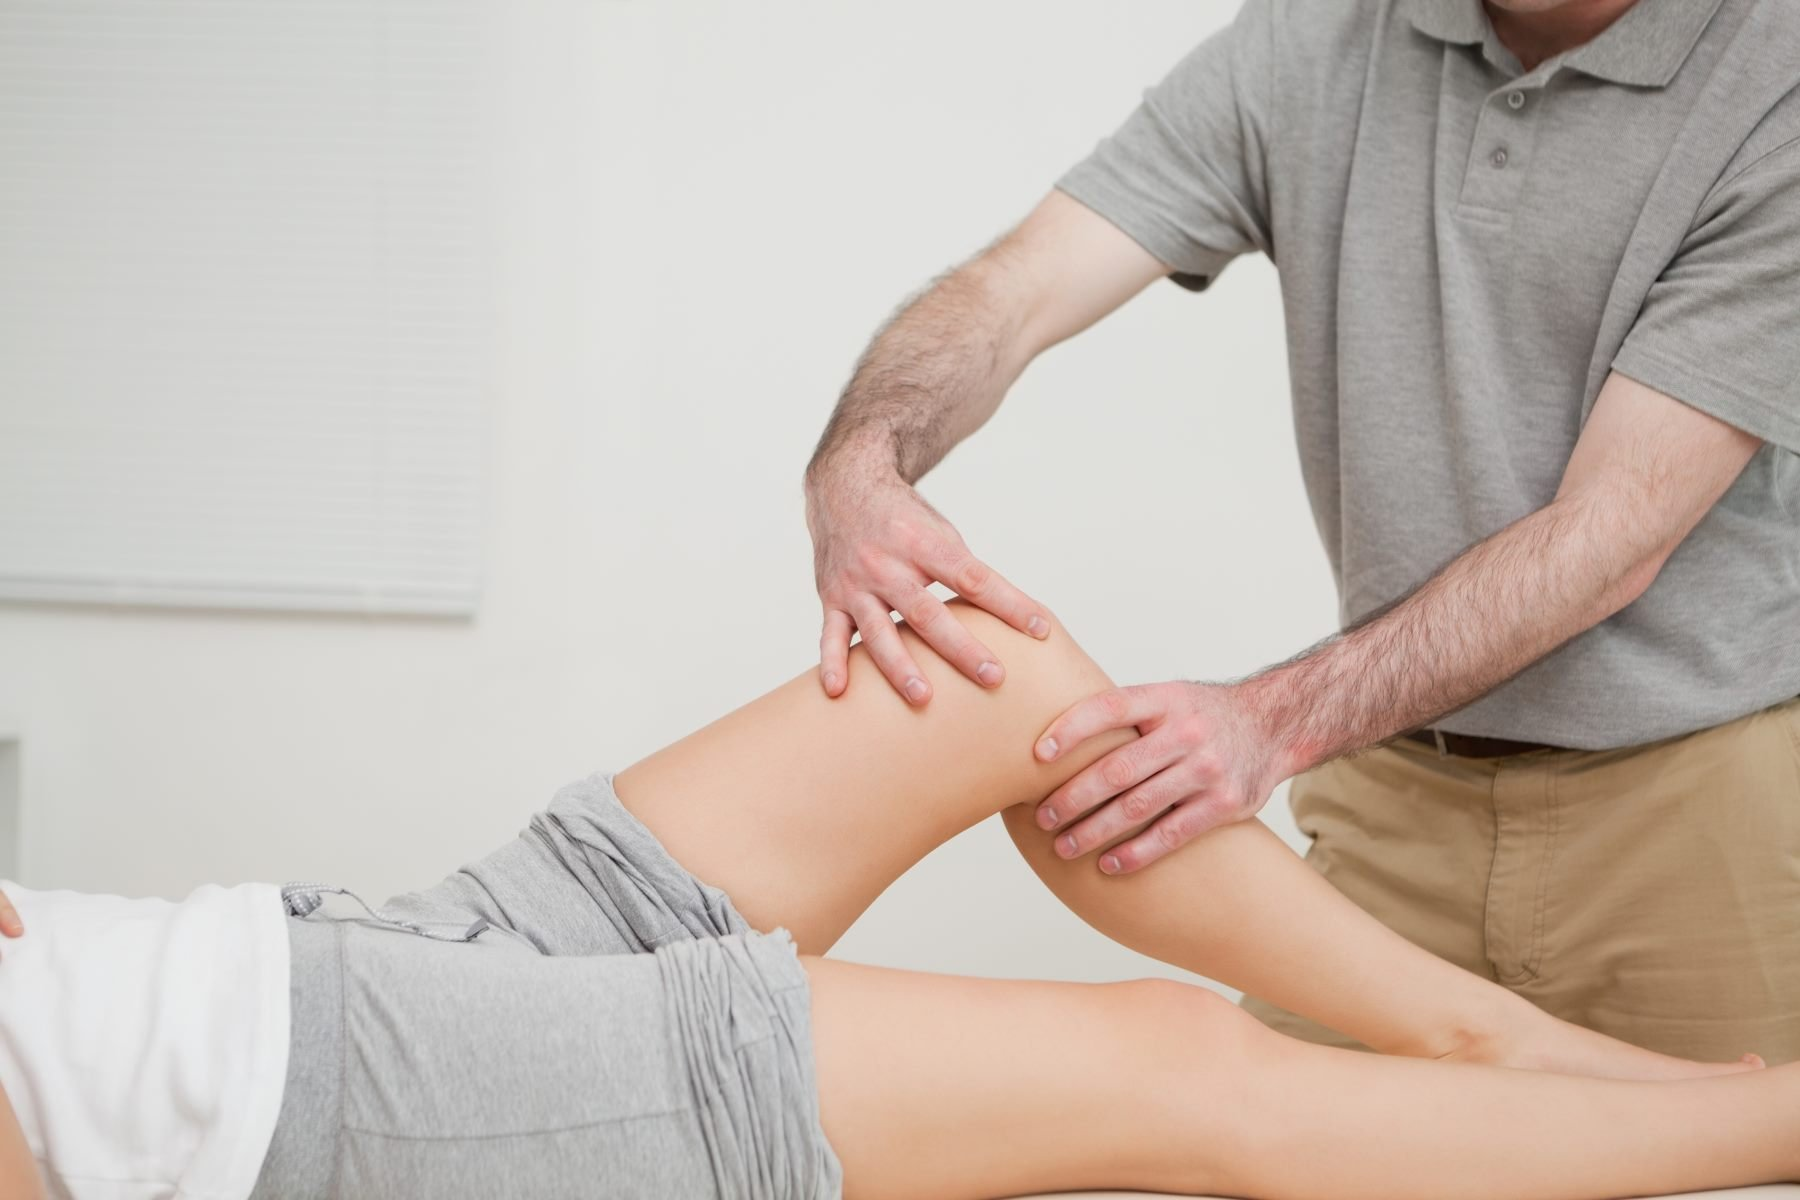 istruttore massaggiare il ginocchio